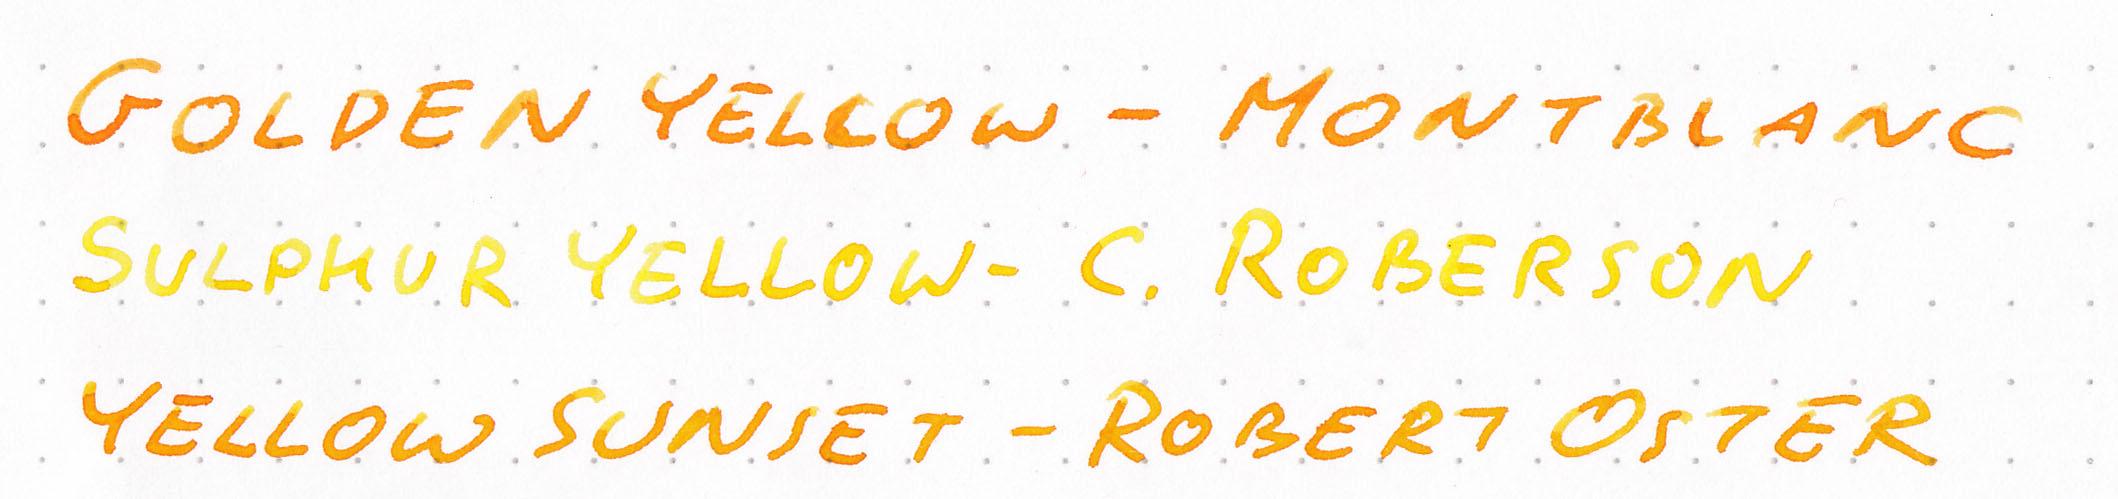 fpn_1465743785__yellows_rhodia_zestawien